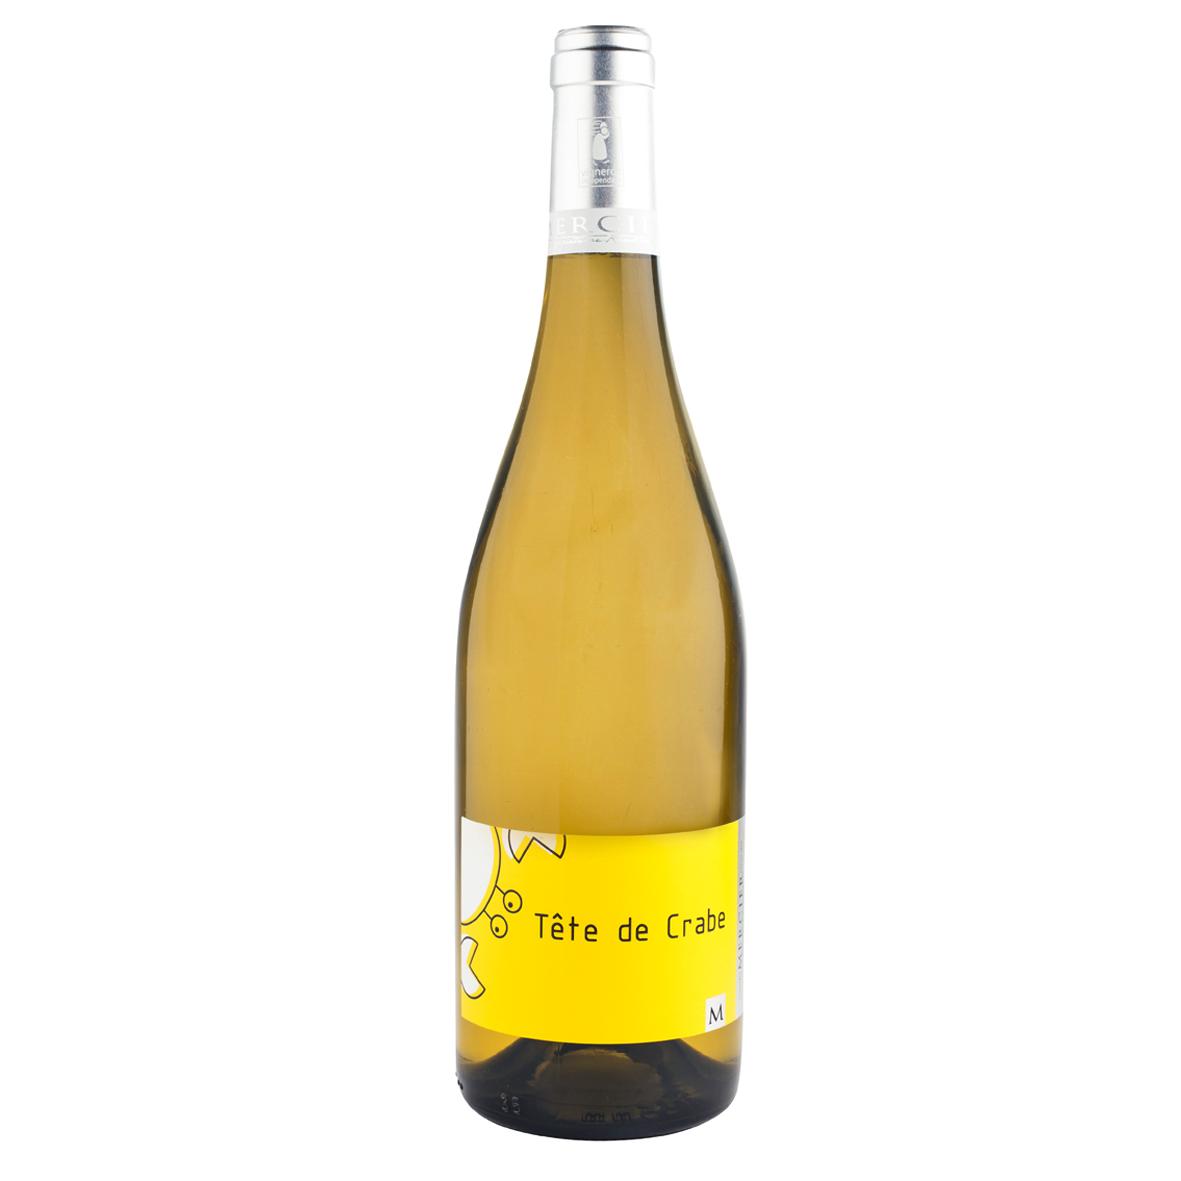 AOC Fiefs Vendéens - Tête de Crabe - Cuvée M - Vignoble Mercier - 2019